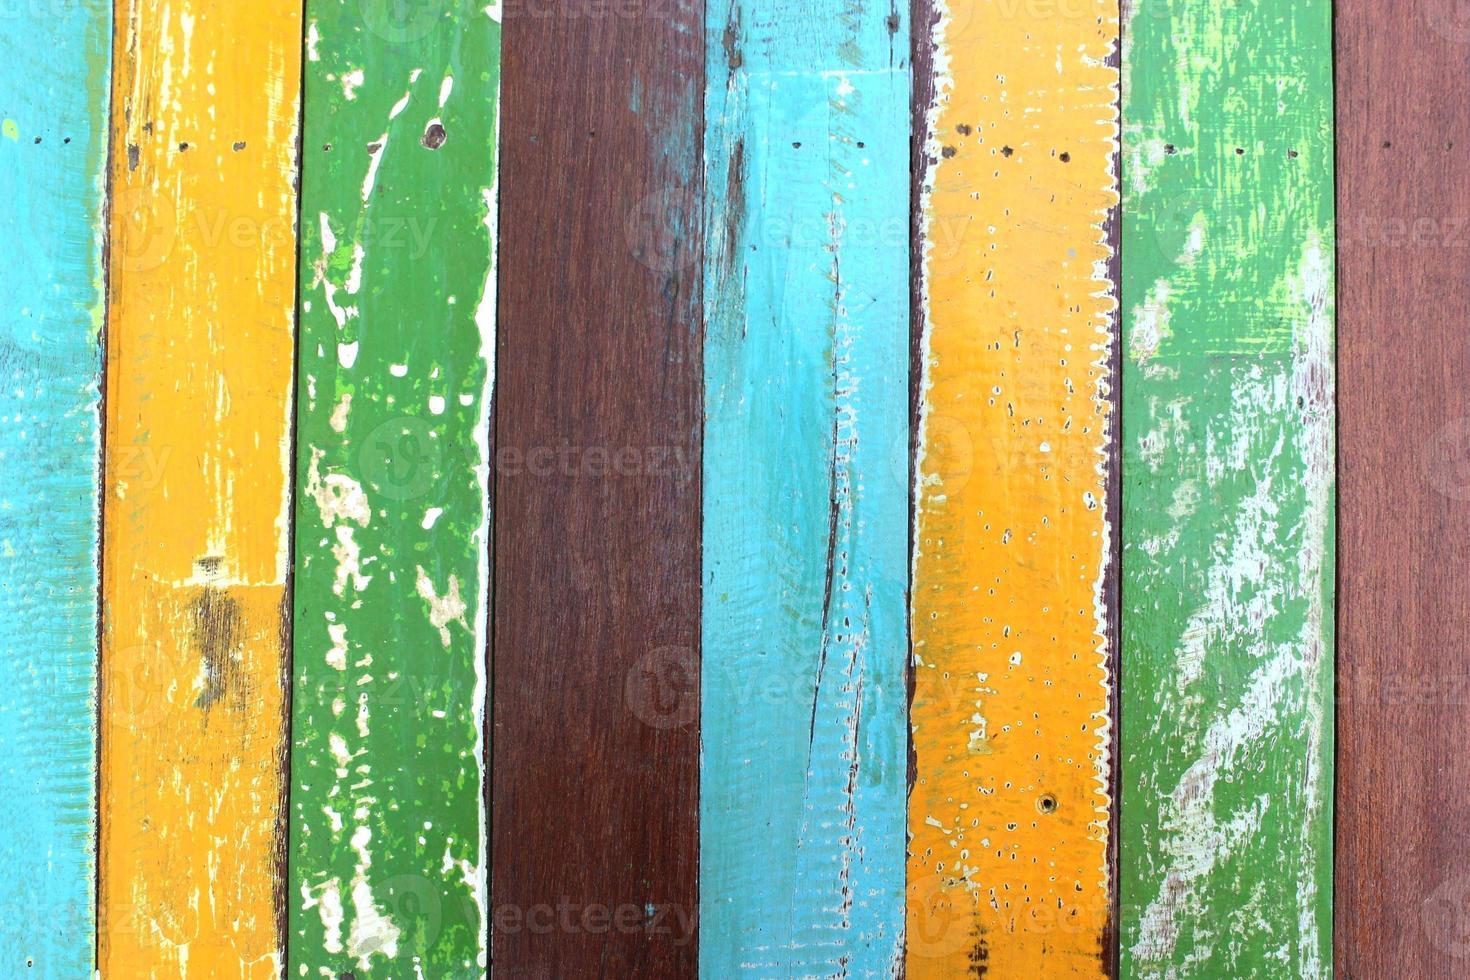 kleurrijke hout verf voor textture achtergrond. foto